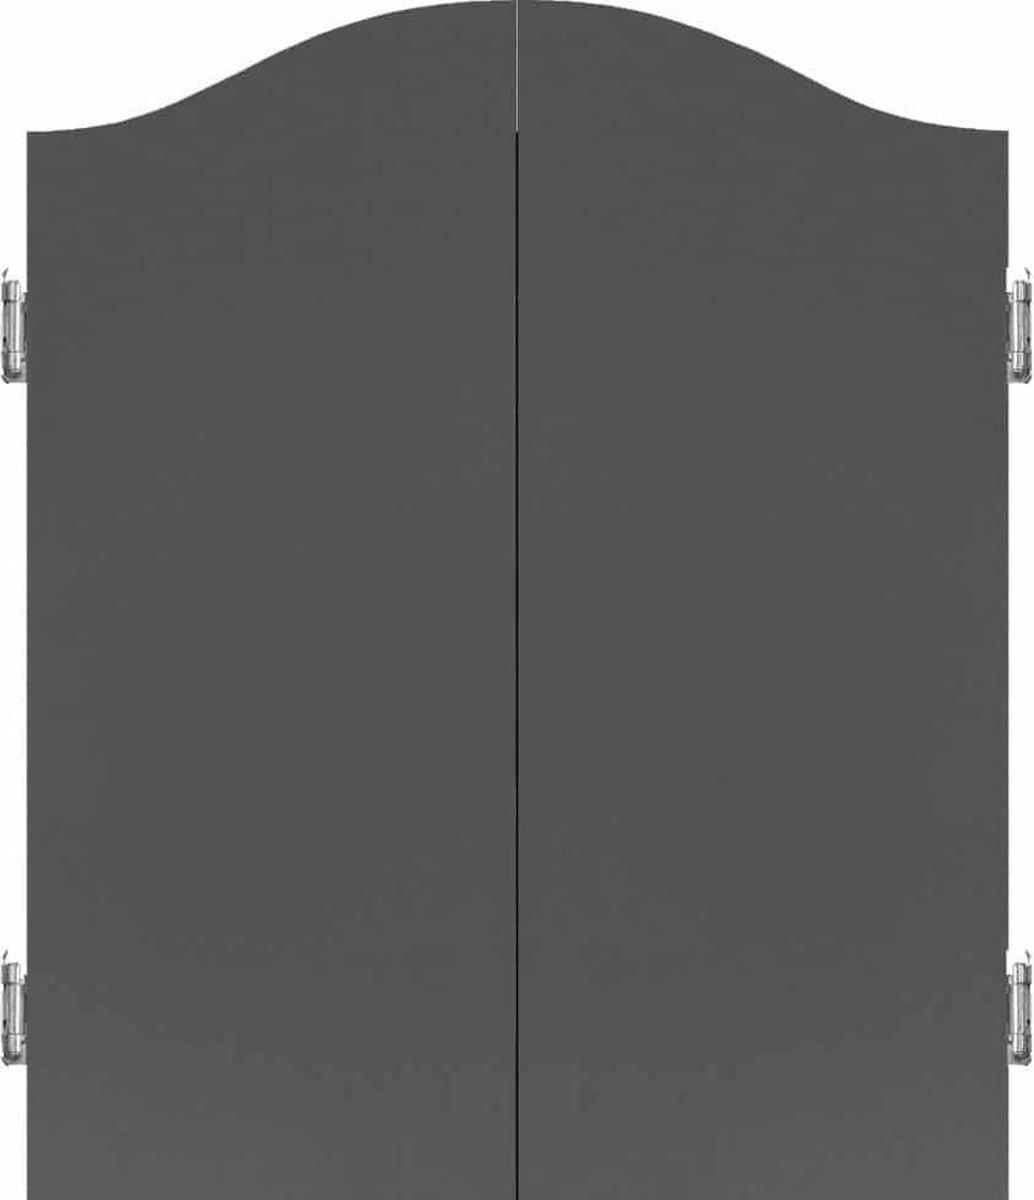 Mission Deluxe Plain Grey Dartkabinet +